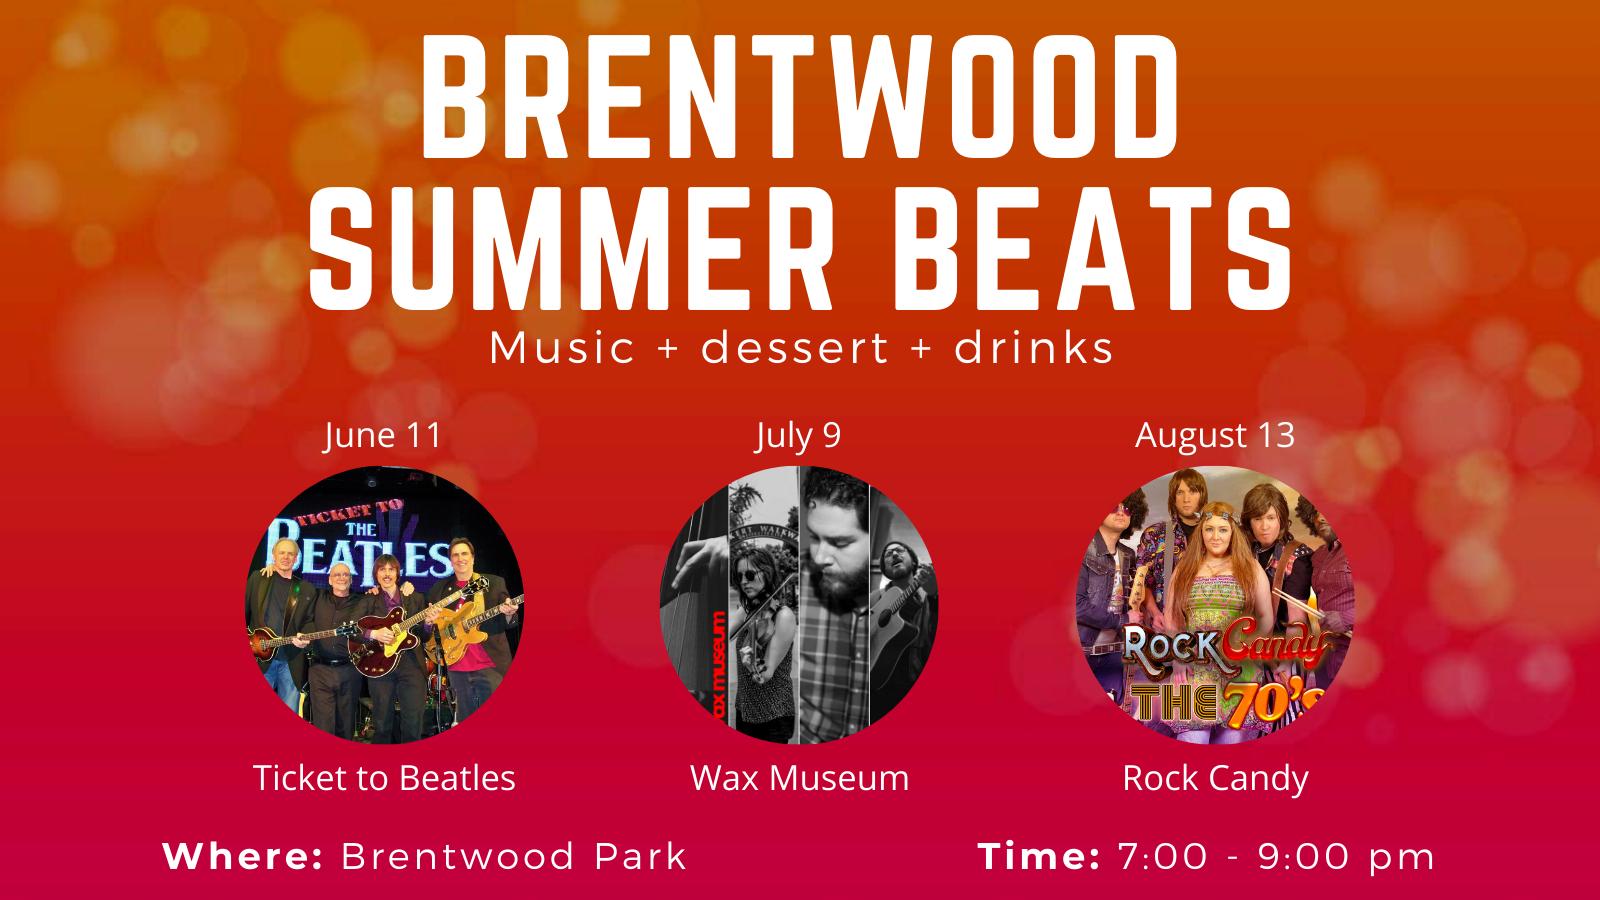 Brentwood Summer Beats